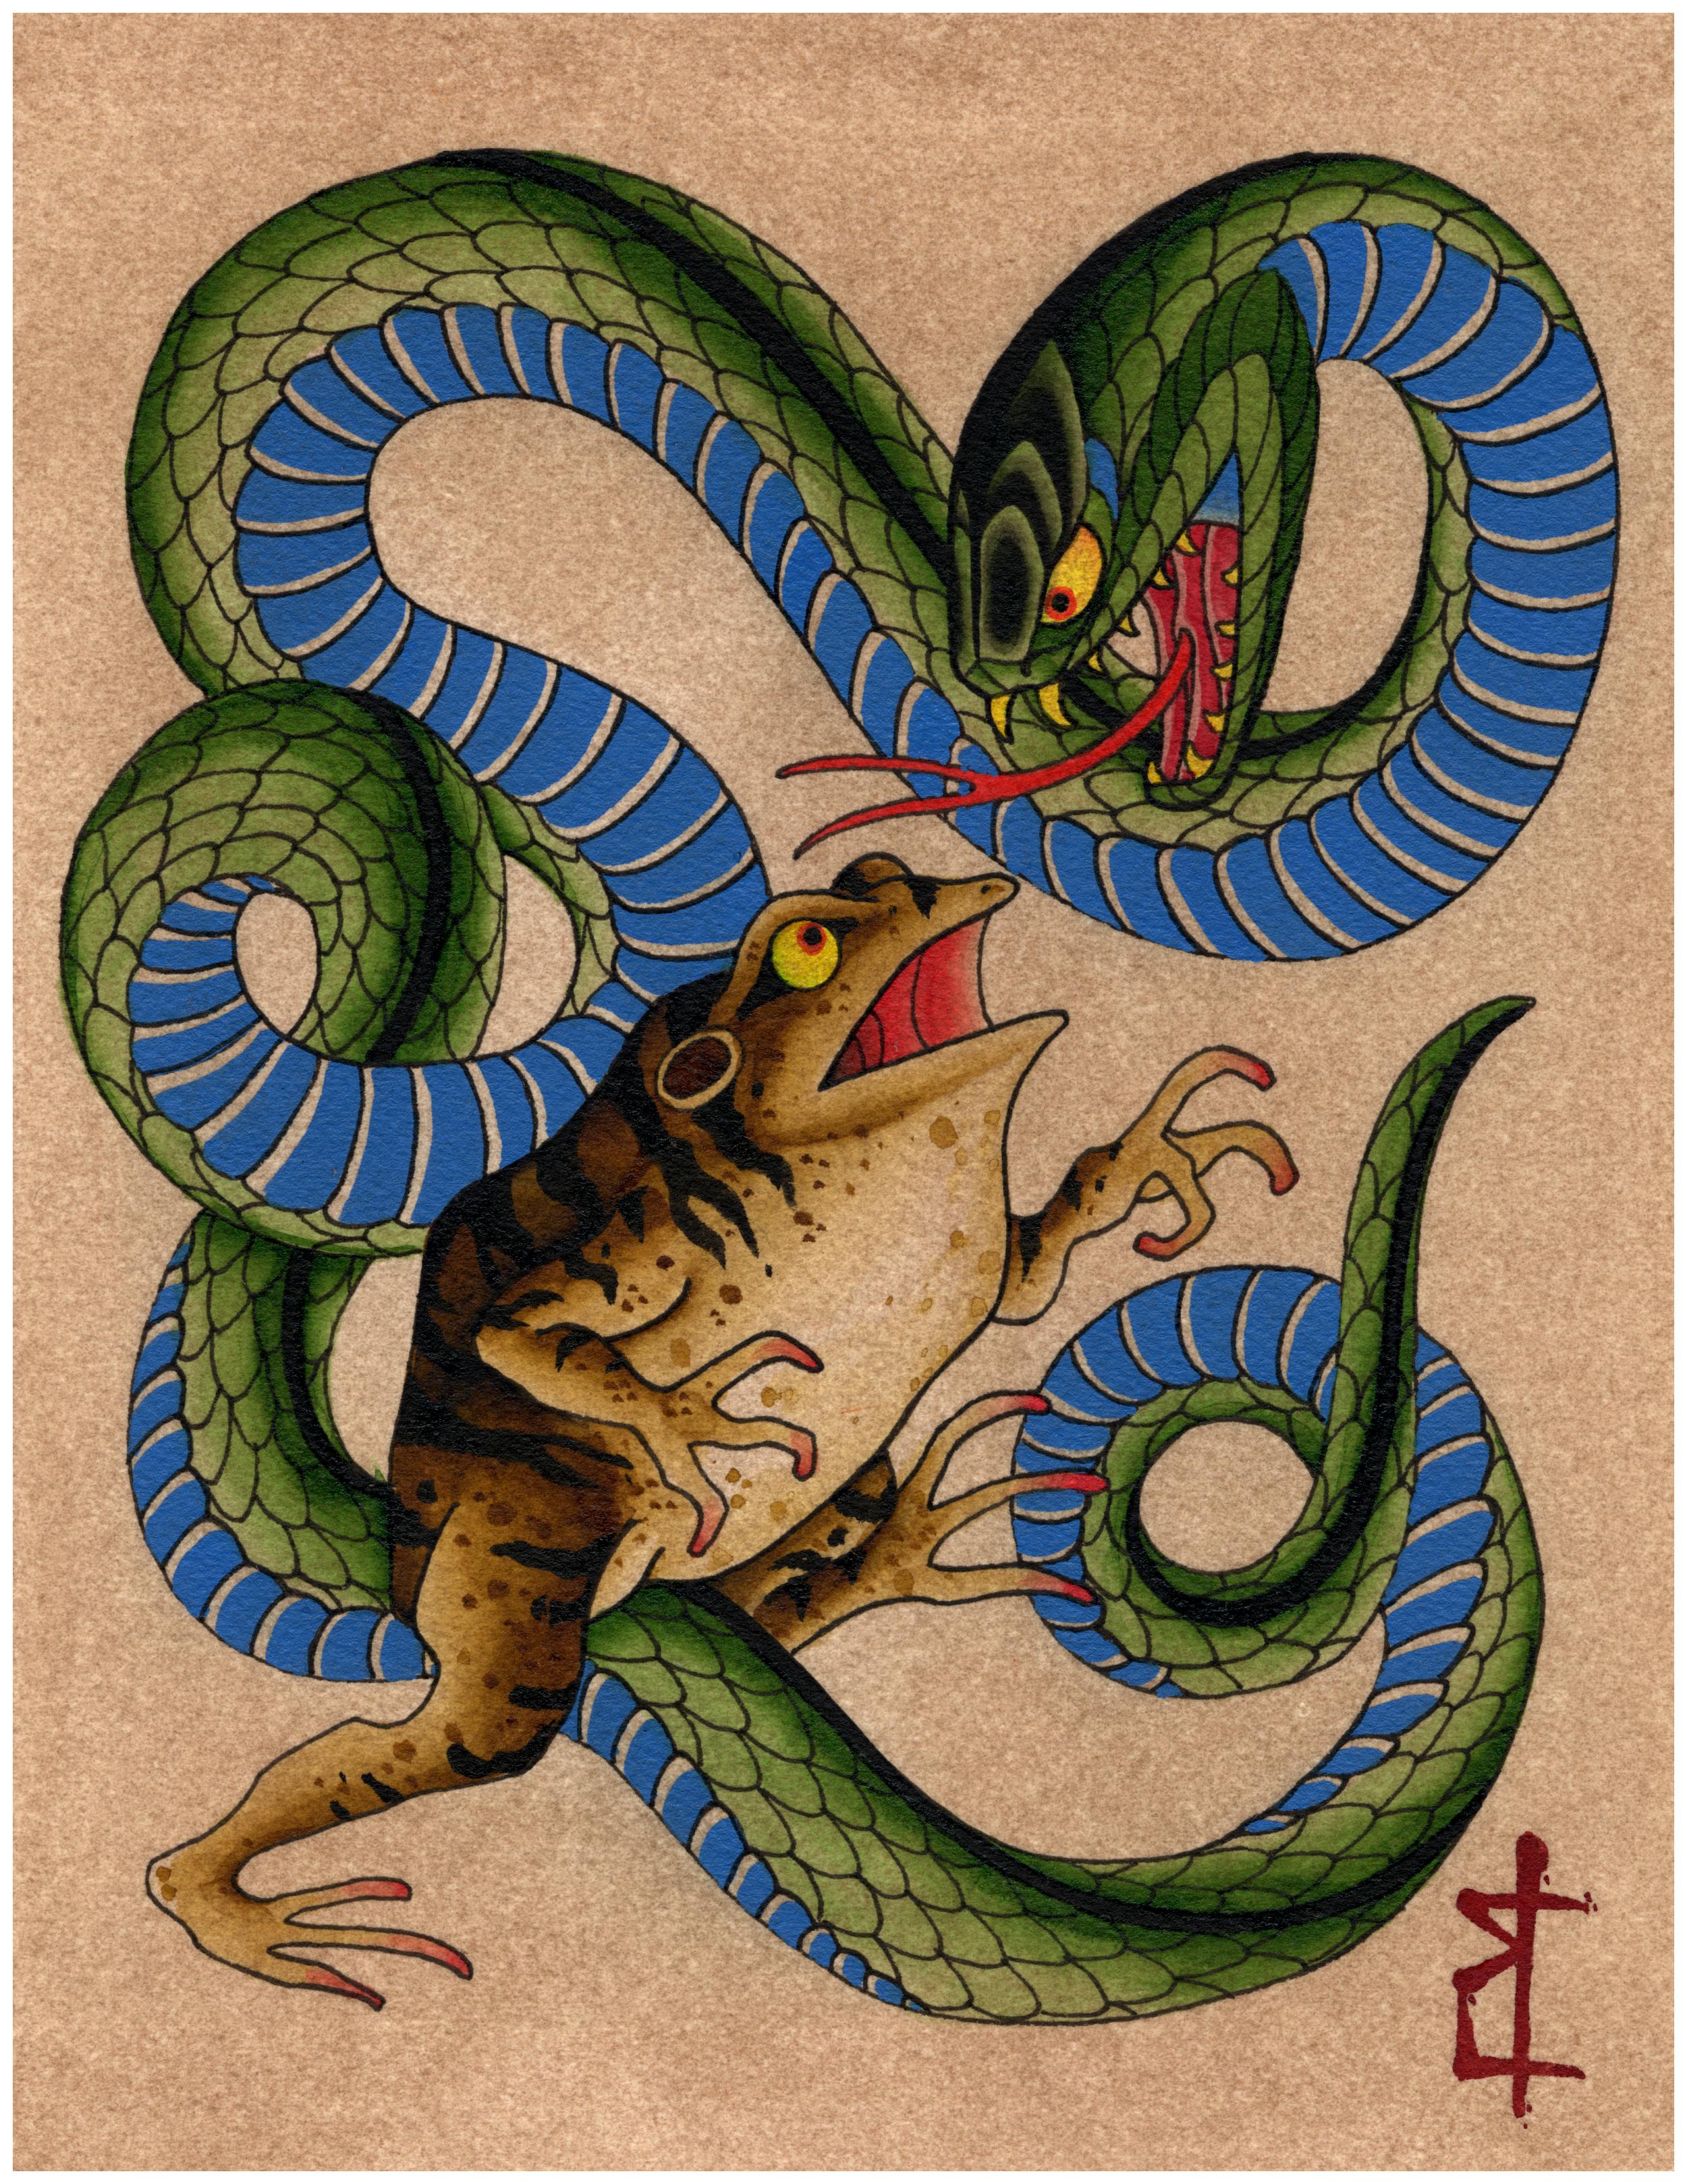 frog & snake.png